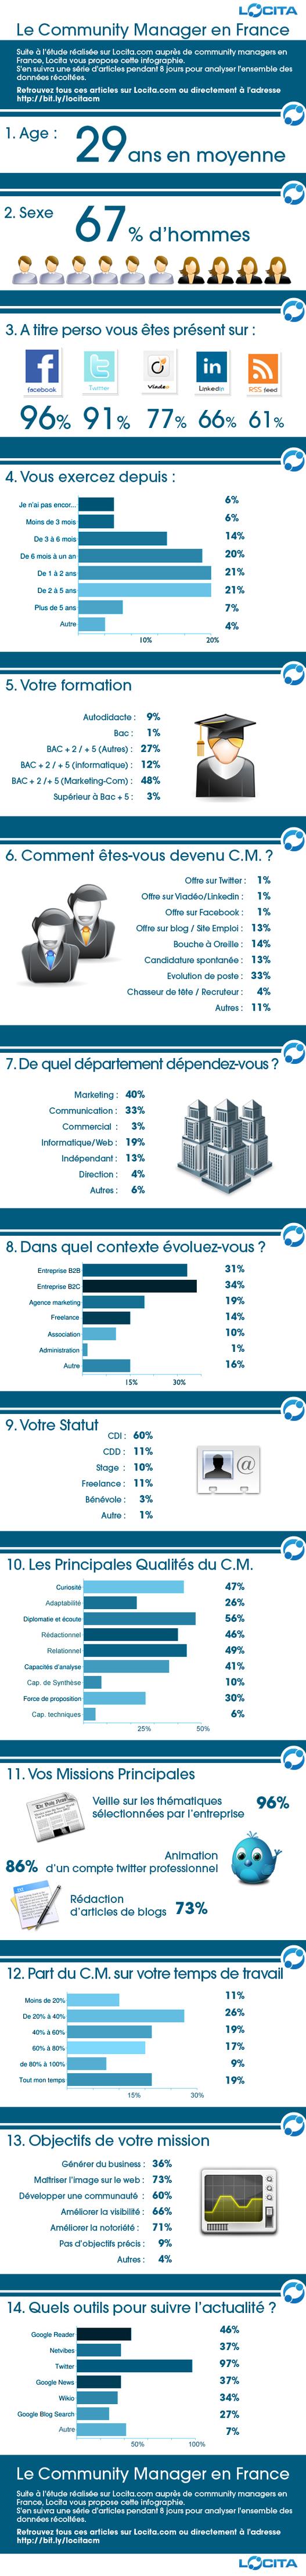 Le Community Manager en France en 1 image